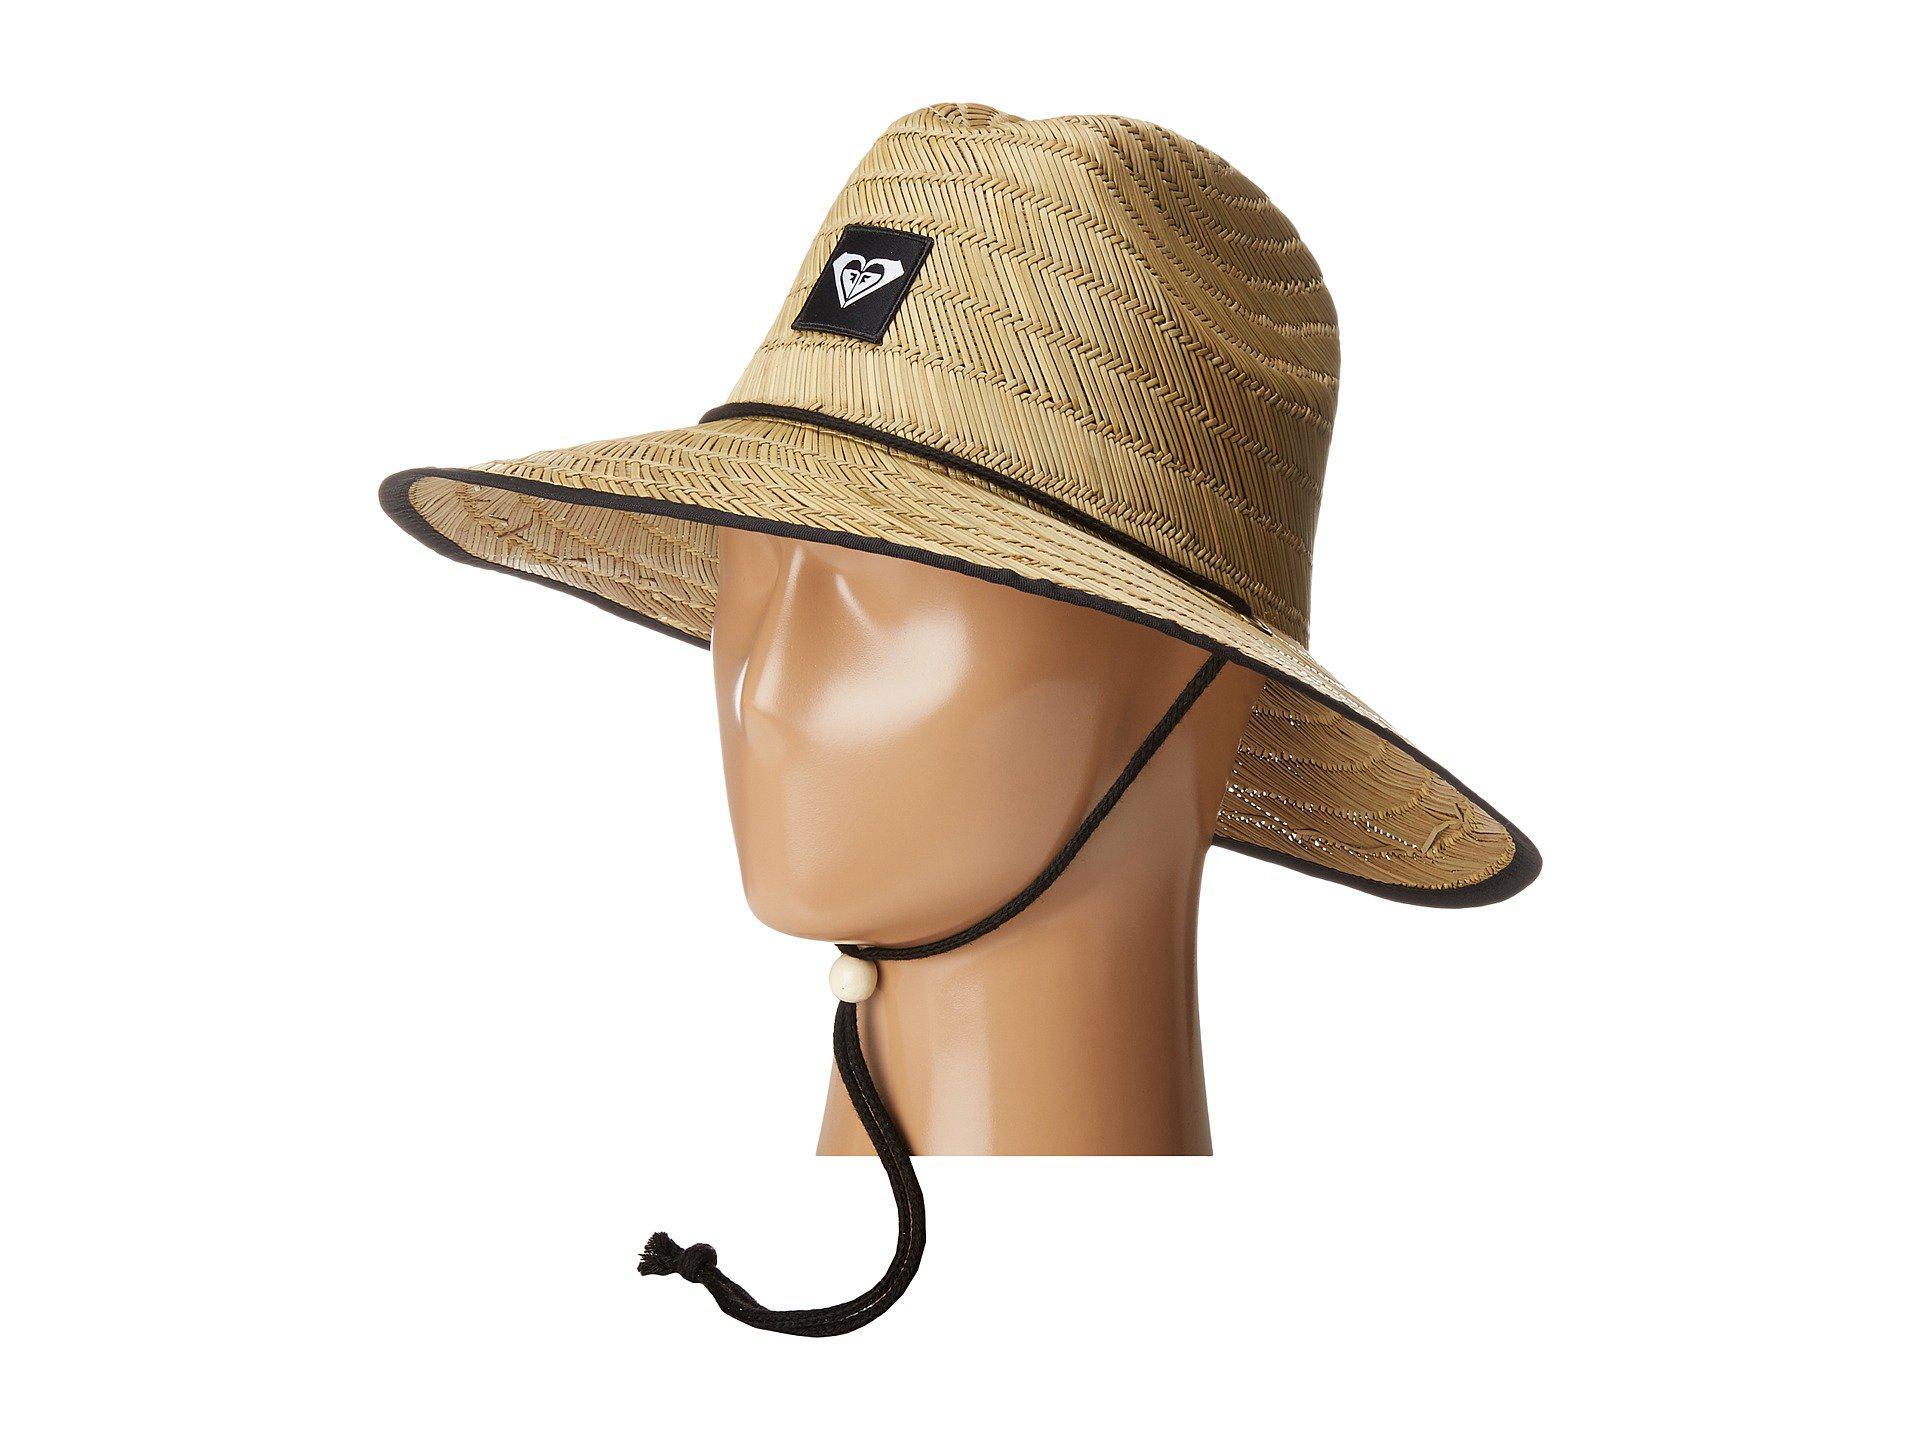 Lyst - Roxy Tomboy 2 Sun Hat (true Black) Traditional Hats b09b48fa11d